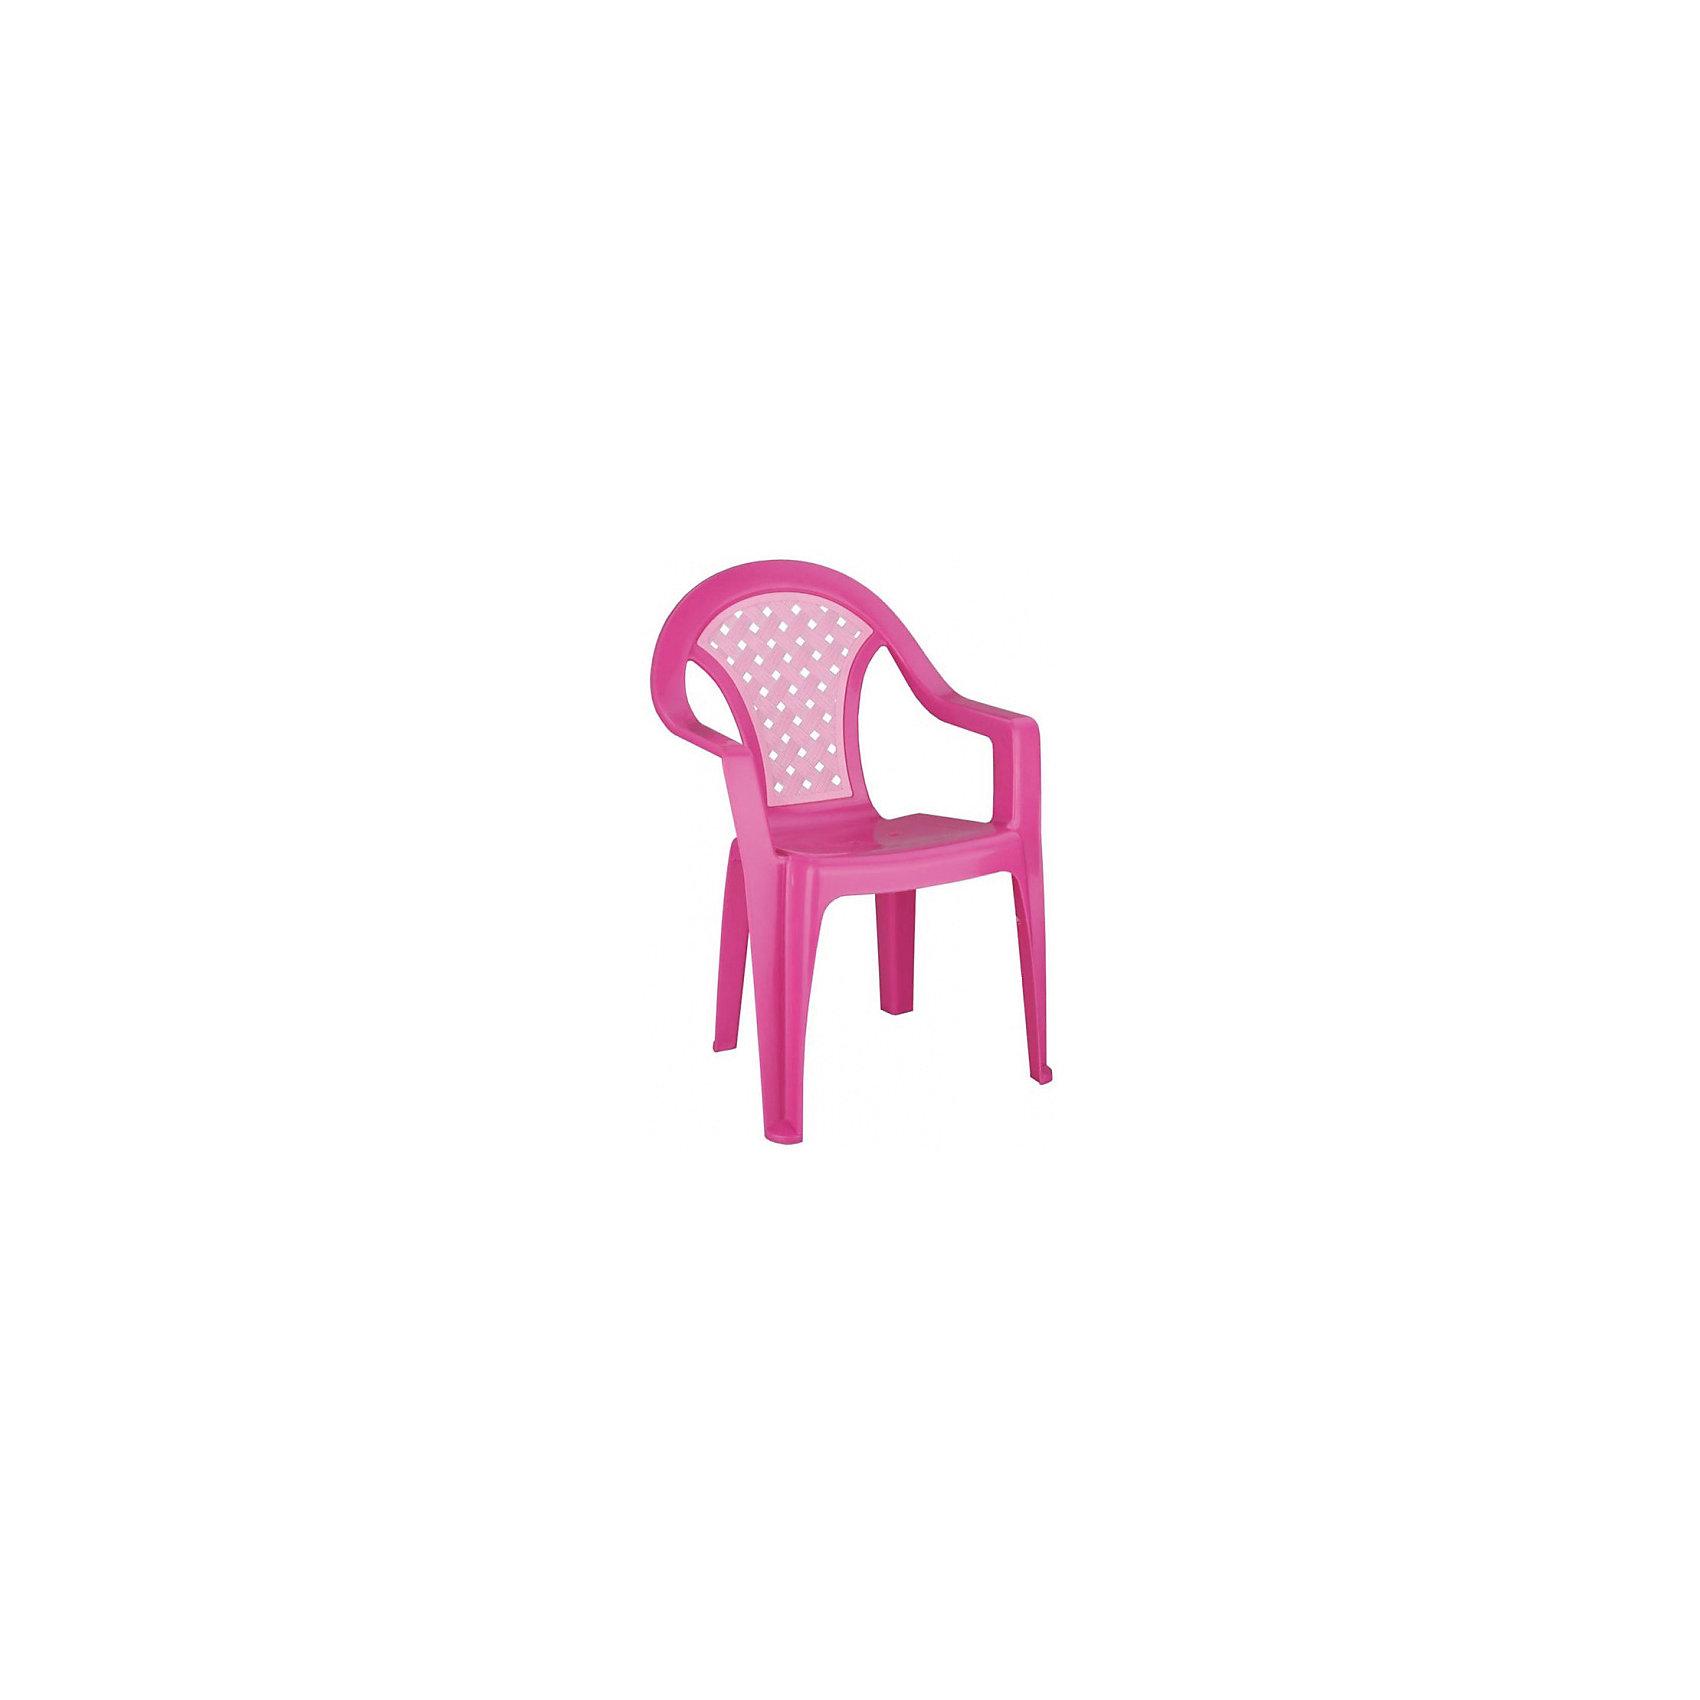 Кресло детское Плетёнка ,  Alternativa, розовыйМебель<br>Детское кресло Плетенка изготовлено из качественного пластика. Оно очень устойчивое, с удобной спинкой. Смыть краски или пластилин с такого кресла не составит труда. Прекрасный выбор для девочек!<br><br>Дополнительная информация:<br>Материал: пластик<br>Цвет: розовый<br>Размеры: 37х35х57 см<br><br>Кресло Плетенка вы можете приобрести в нашем интернет-магазине.<br><br>Ширина мм: 370<br>Глубина мм: 570<br>Высота мм: 350<br>Вес г: 753<br>Возраст от месяцев: 36<br>Возраст до месяцев: 144<br>Пол: Унисекс<br>Возраст: Детский<br>SKU: 4979747